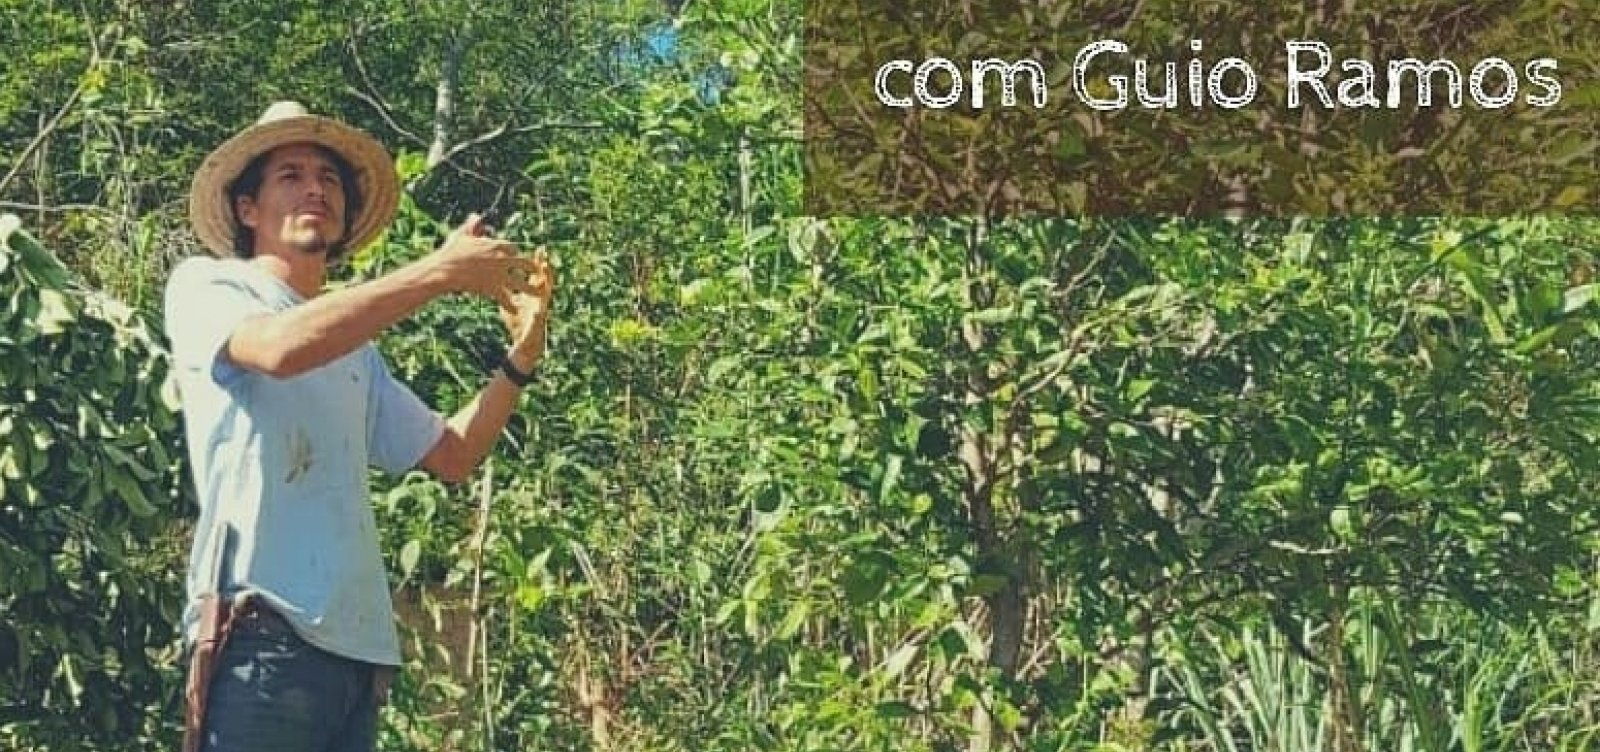 Curso de Agrofloresta Sintrópica com Guio Ramos abre inscrições na Bahia